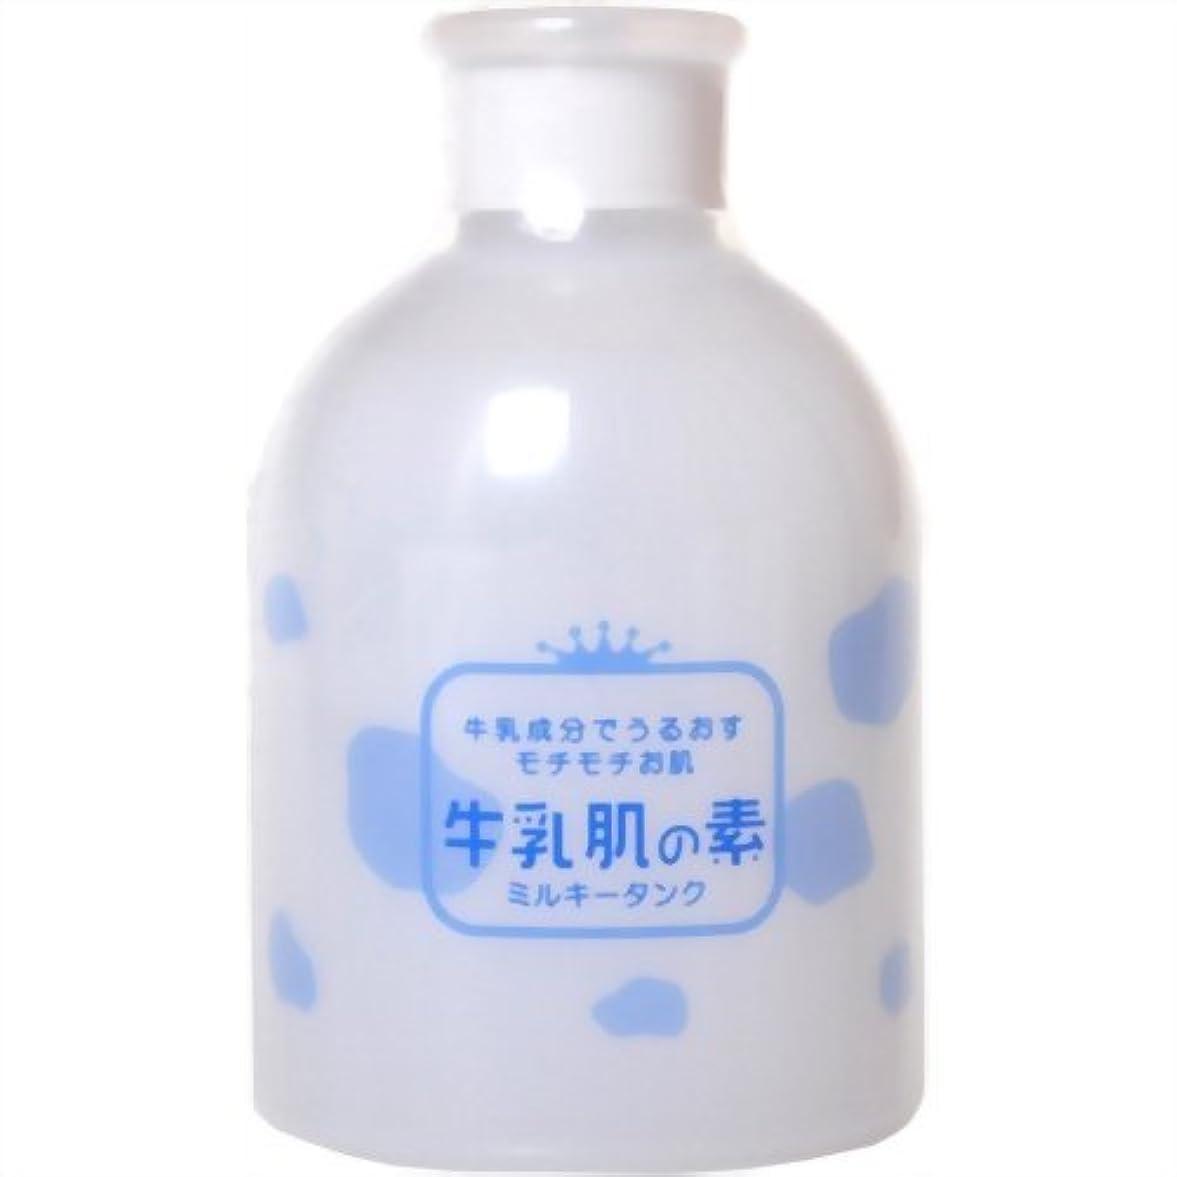 納屋スマッシュフォージ牛乳肌の素 ミルキータンク(化粧水) 300ml